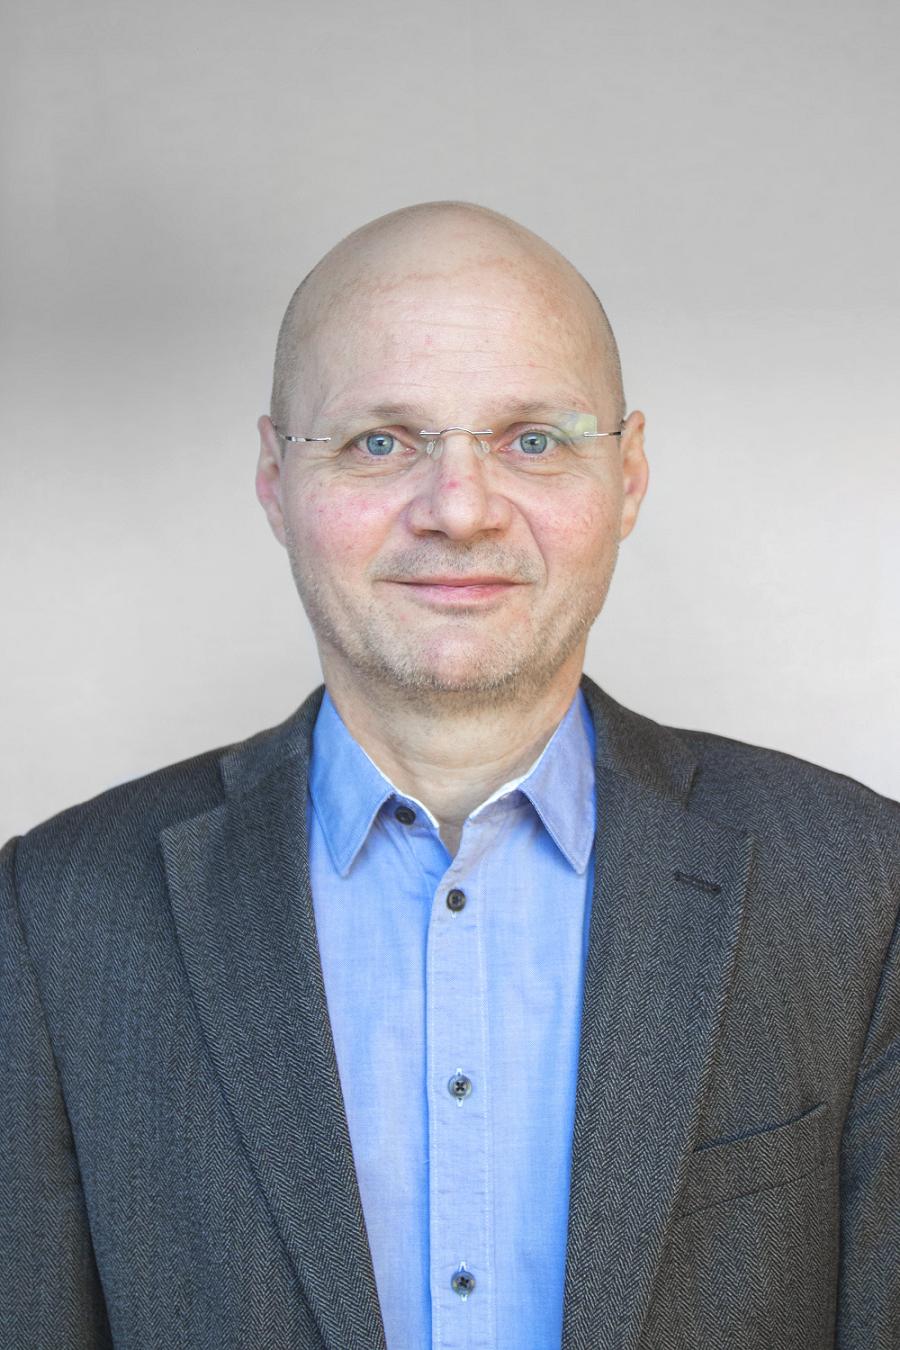 Rechtsanwalt <b>Hans-Jürgen Hartmann</b> - MG_9944kh